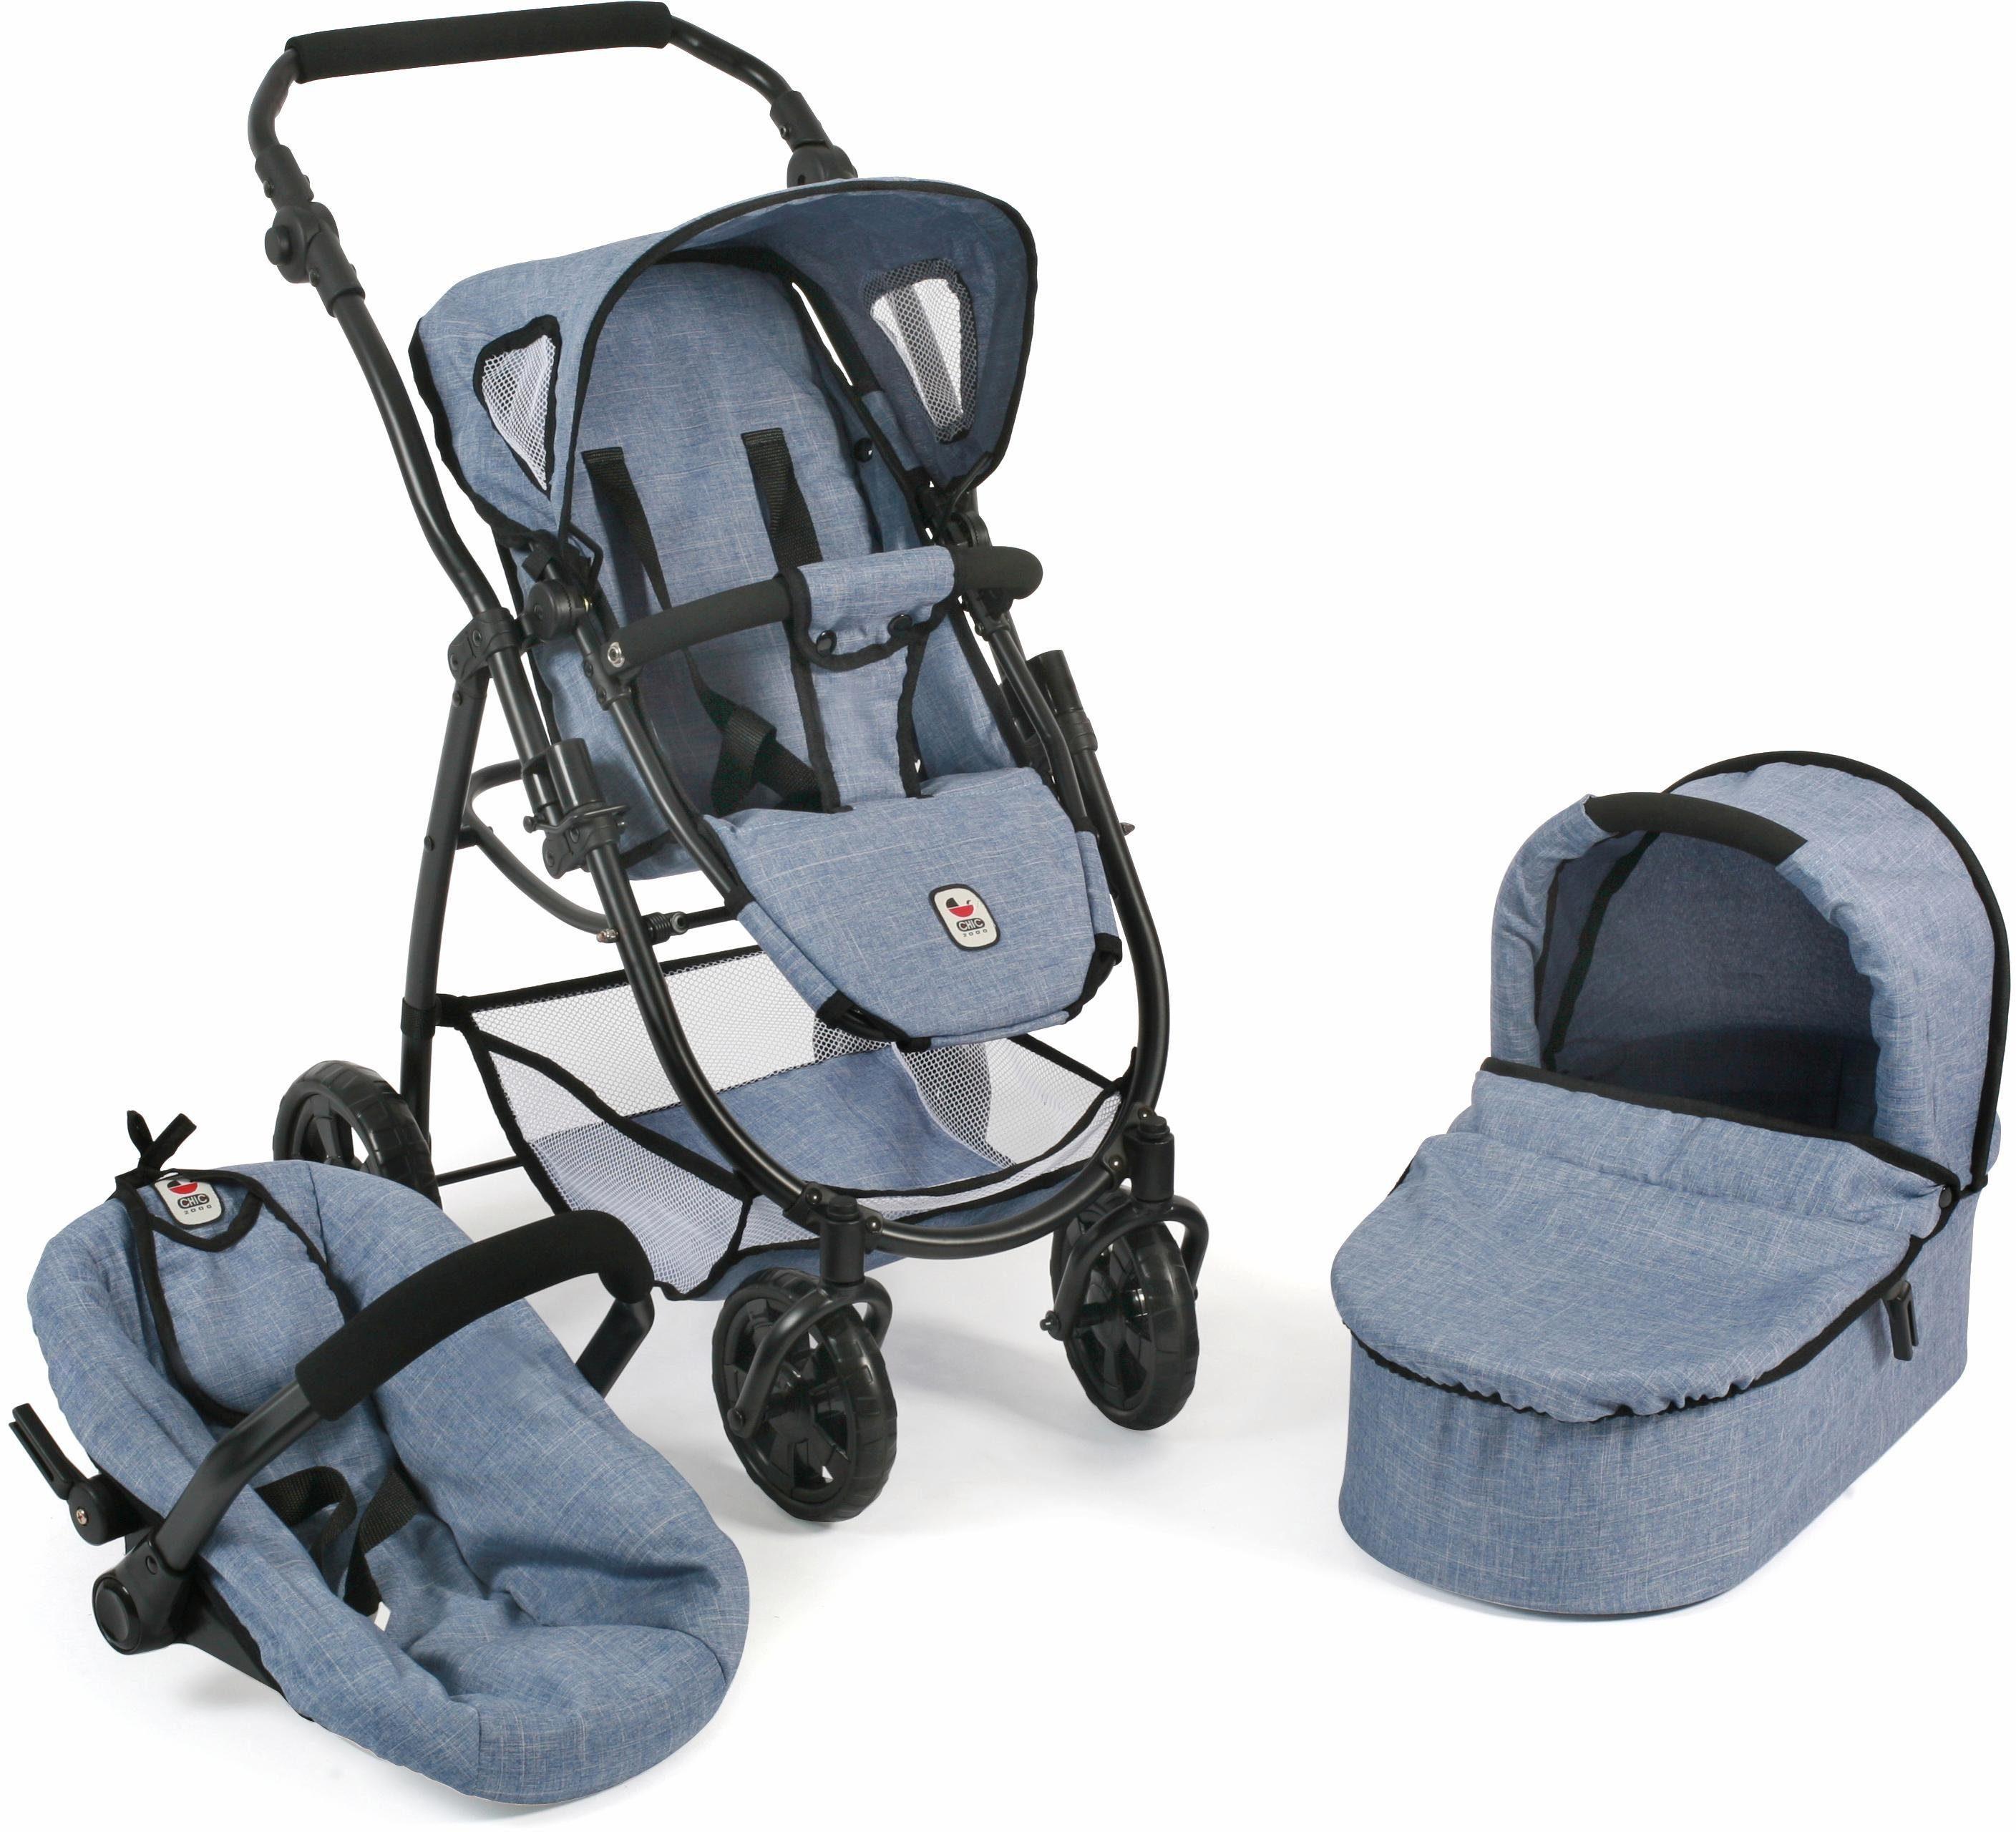 CHIC2000 Kombi Puppenwagen m. Babywanne,Puppen-Autositz u. Sportwagenaufsatz, »Emotion 3in1, blau«